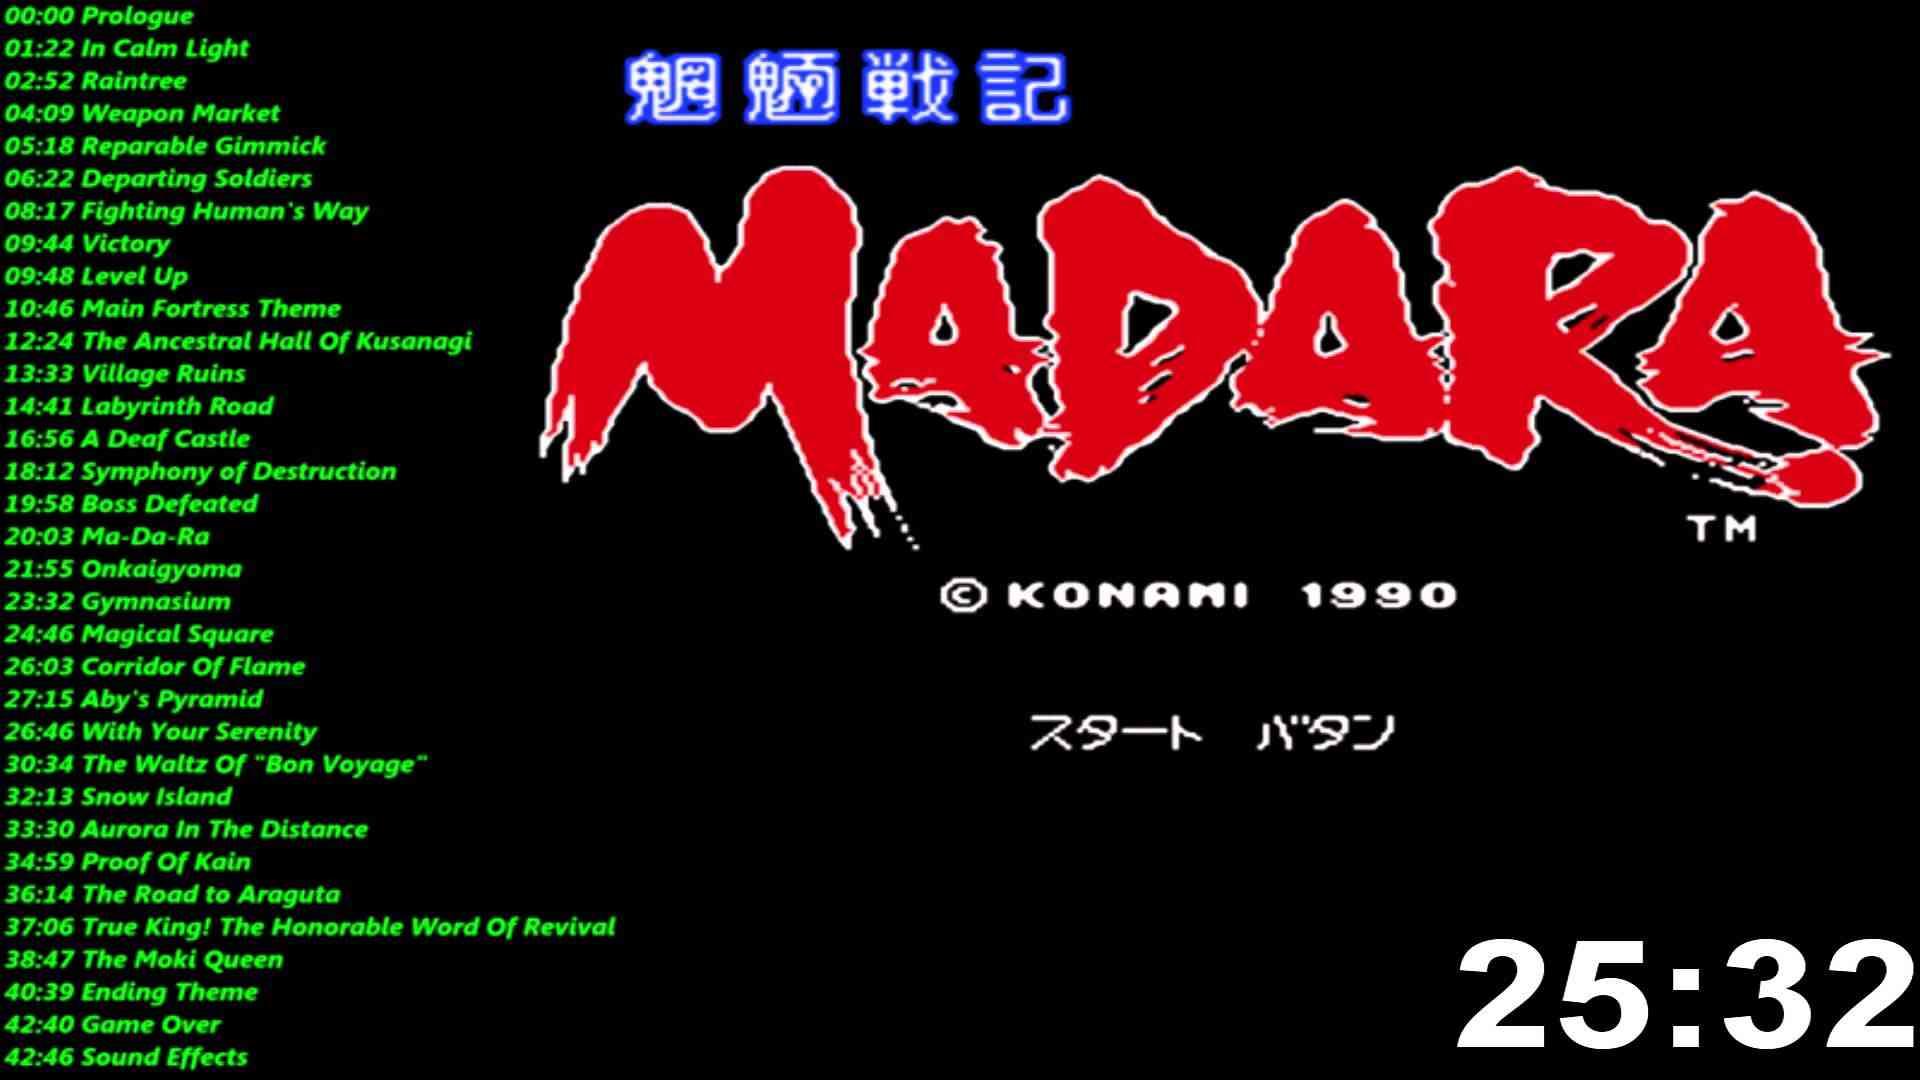 魍魎 戦記 MADARA (ニンテンド ファミリーコンピュータ) 音楽 / Mouryou Senki Madara (NES / FC) Music / Soundtrack - YouTube